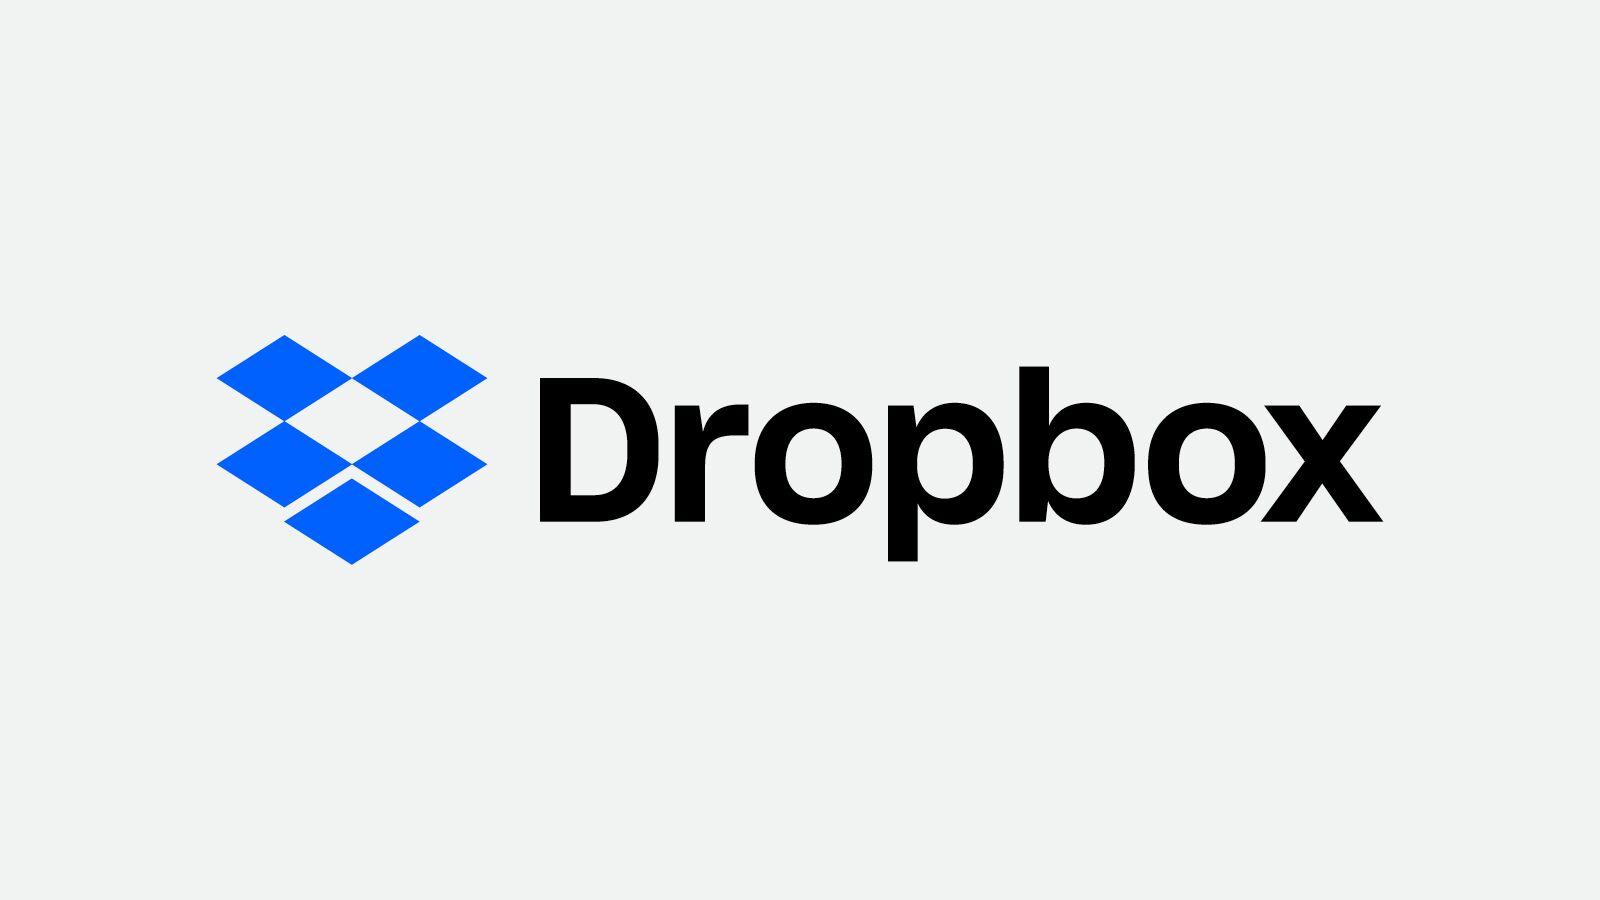 ブランド設定 - Dropbox